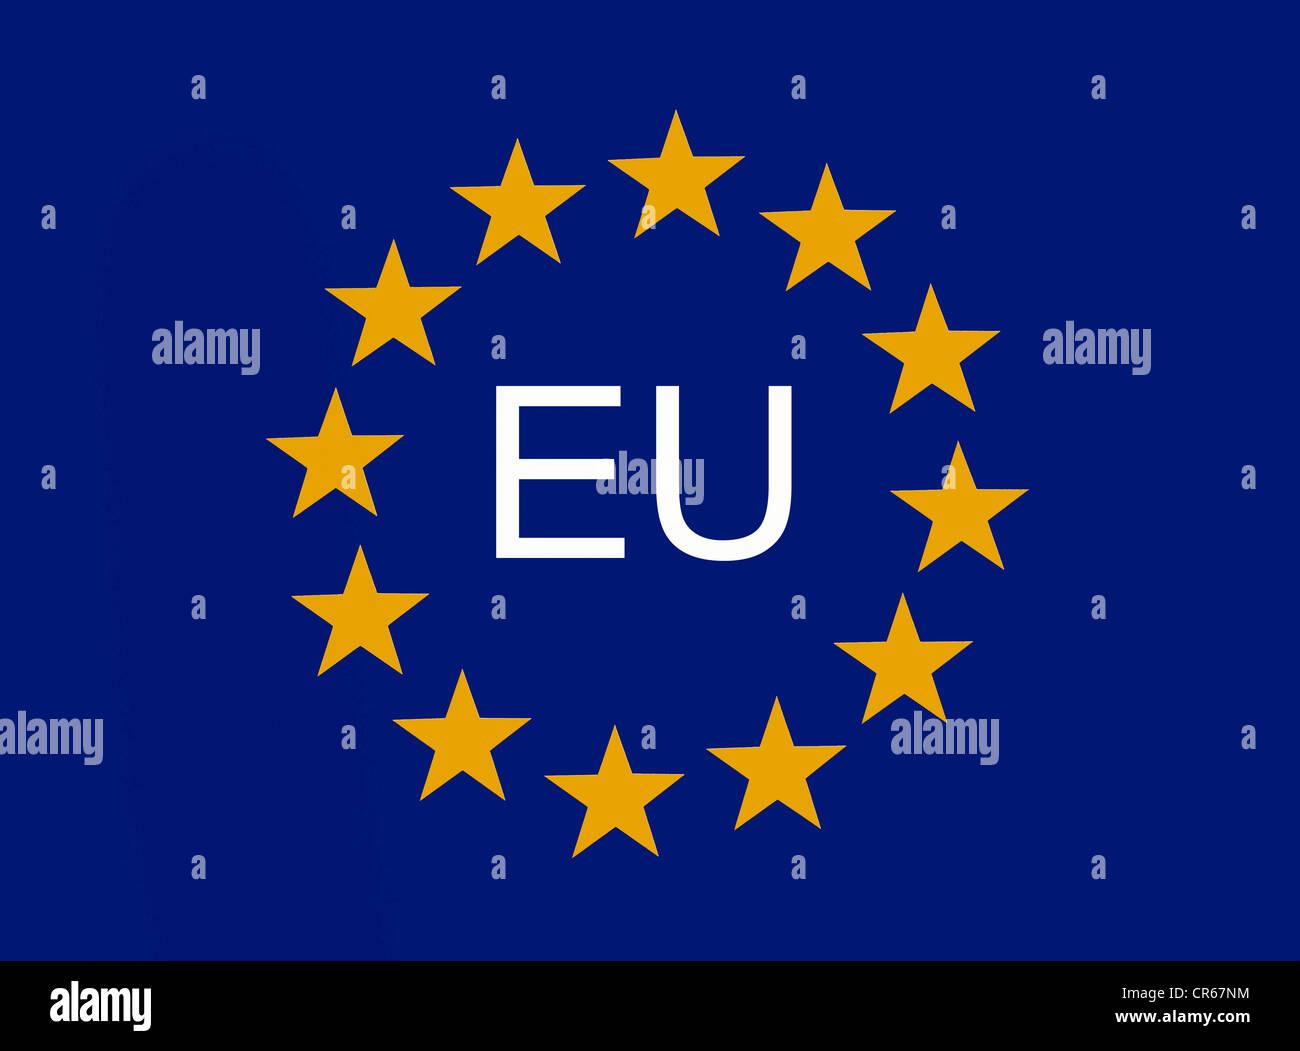 Simbolo europeo, dodici stelle dell'Unione europea Immagini Stock